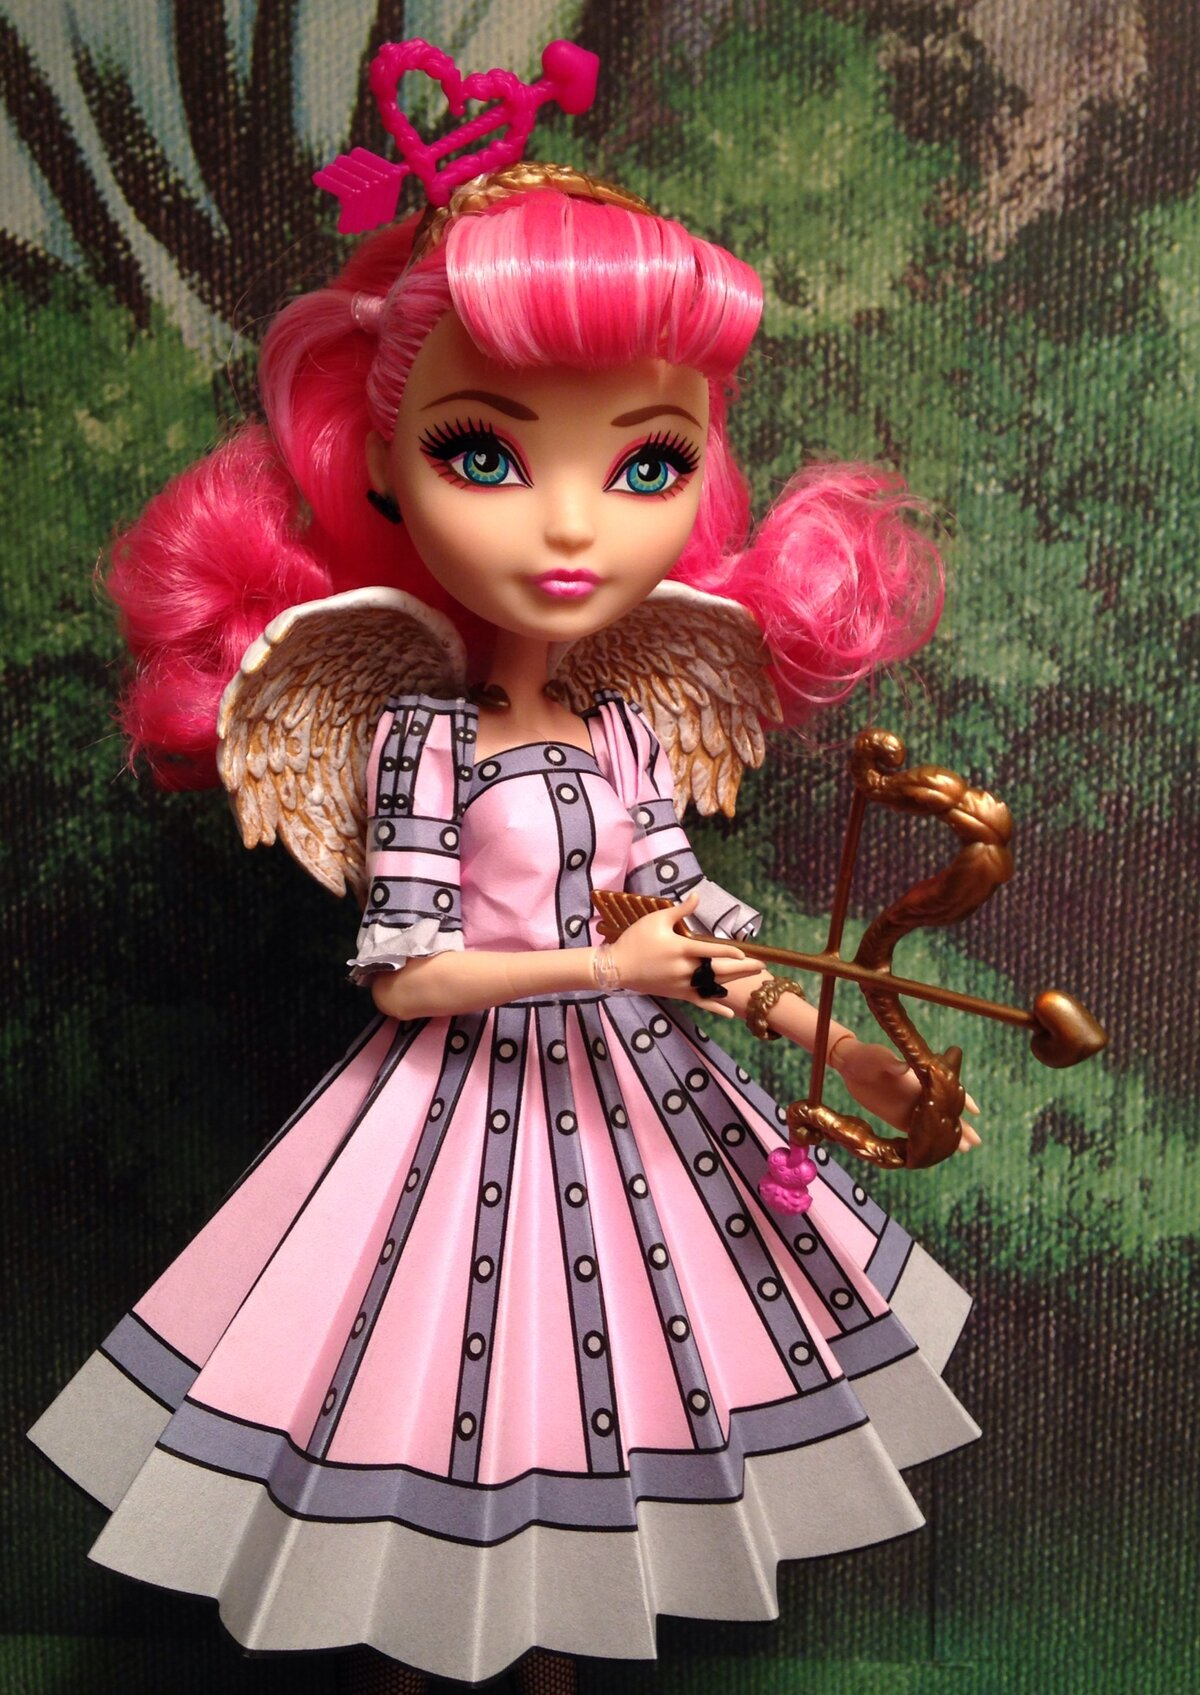 Кукла автор эвер хай дочь купидона